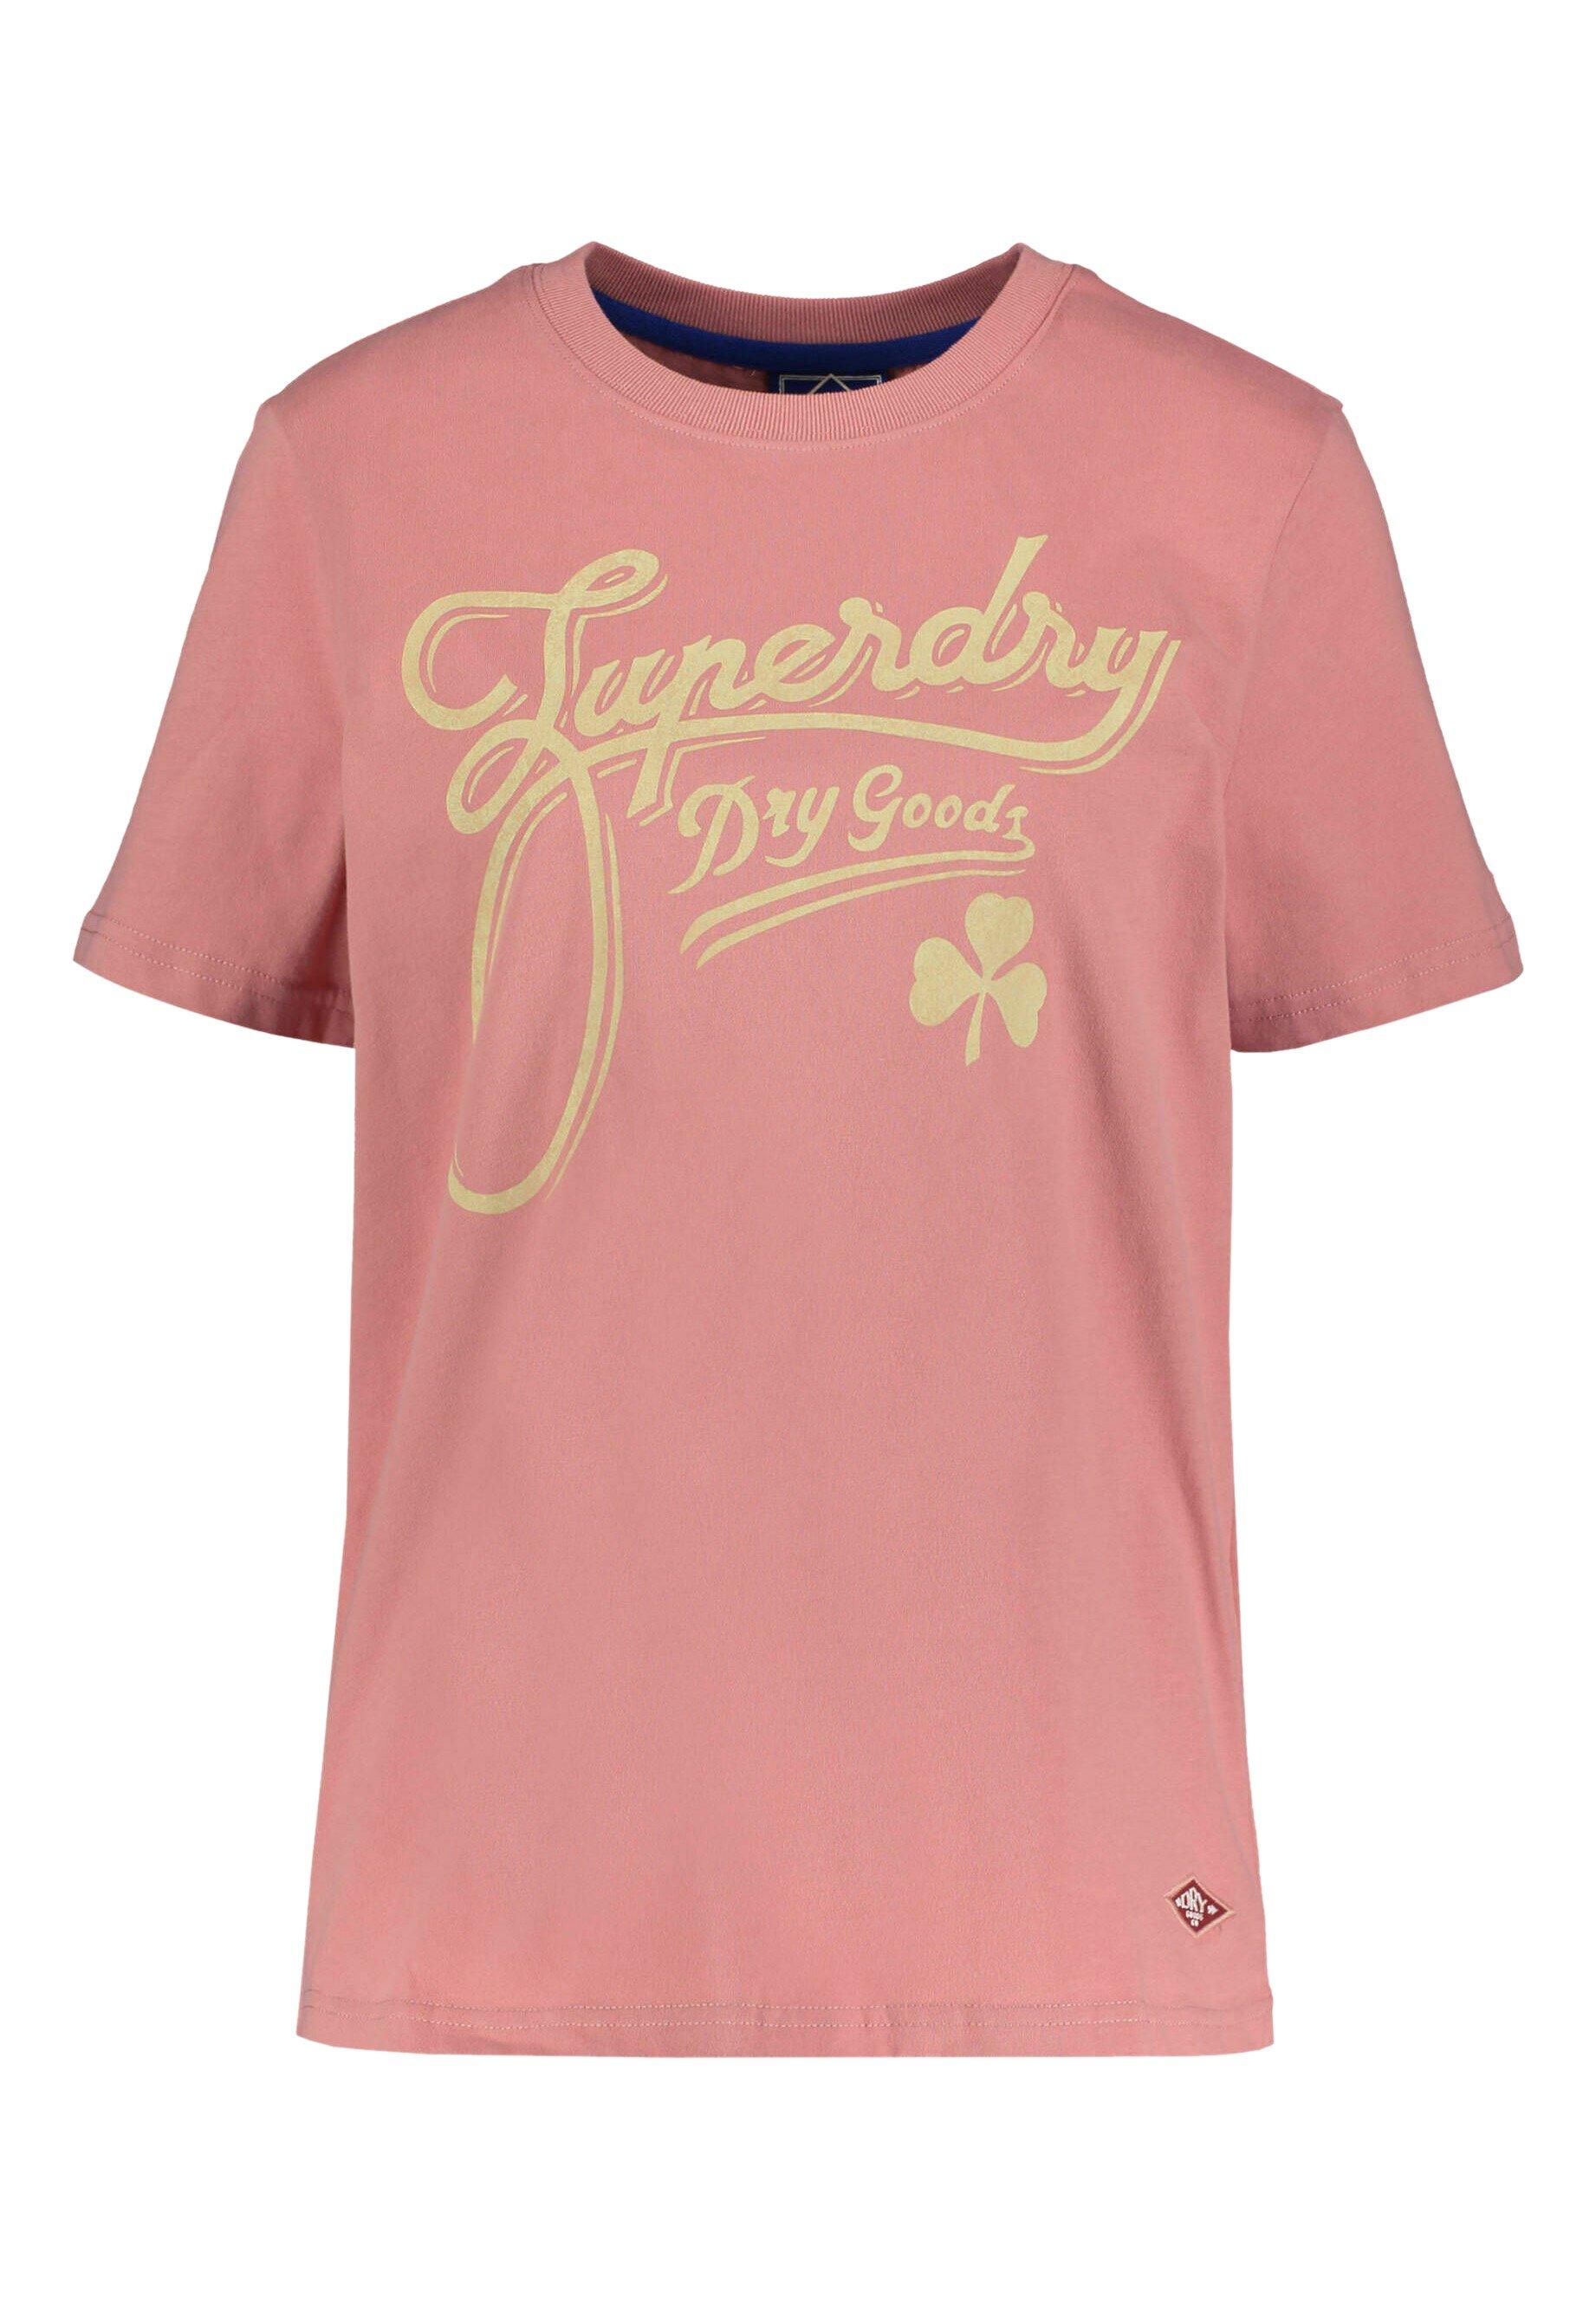 Mujer Camiseta estampada - rose